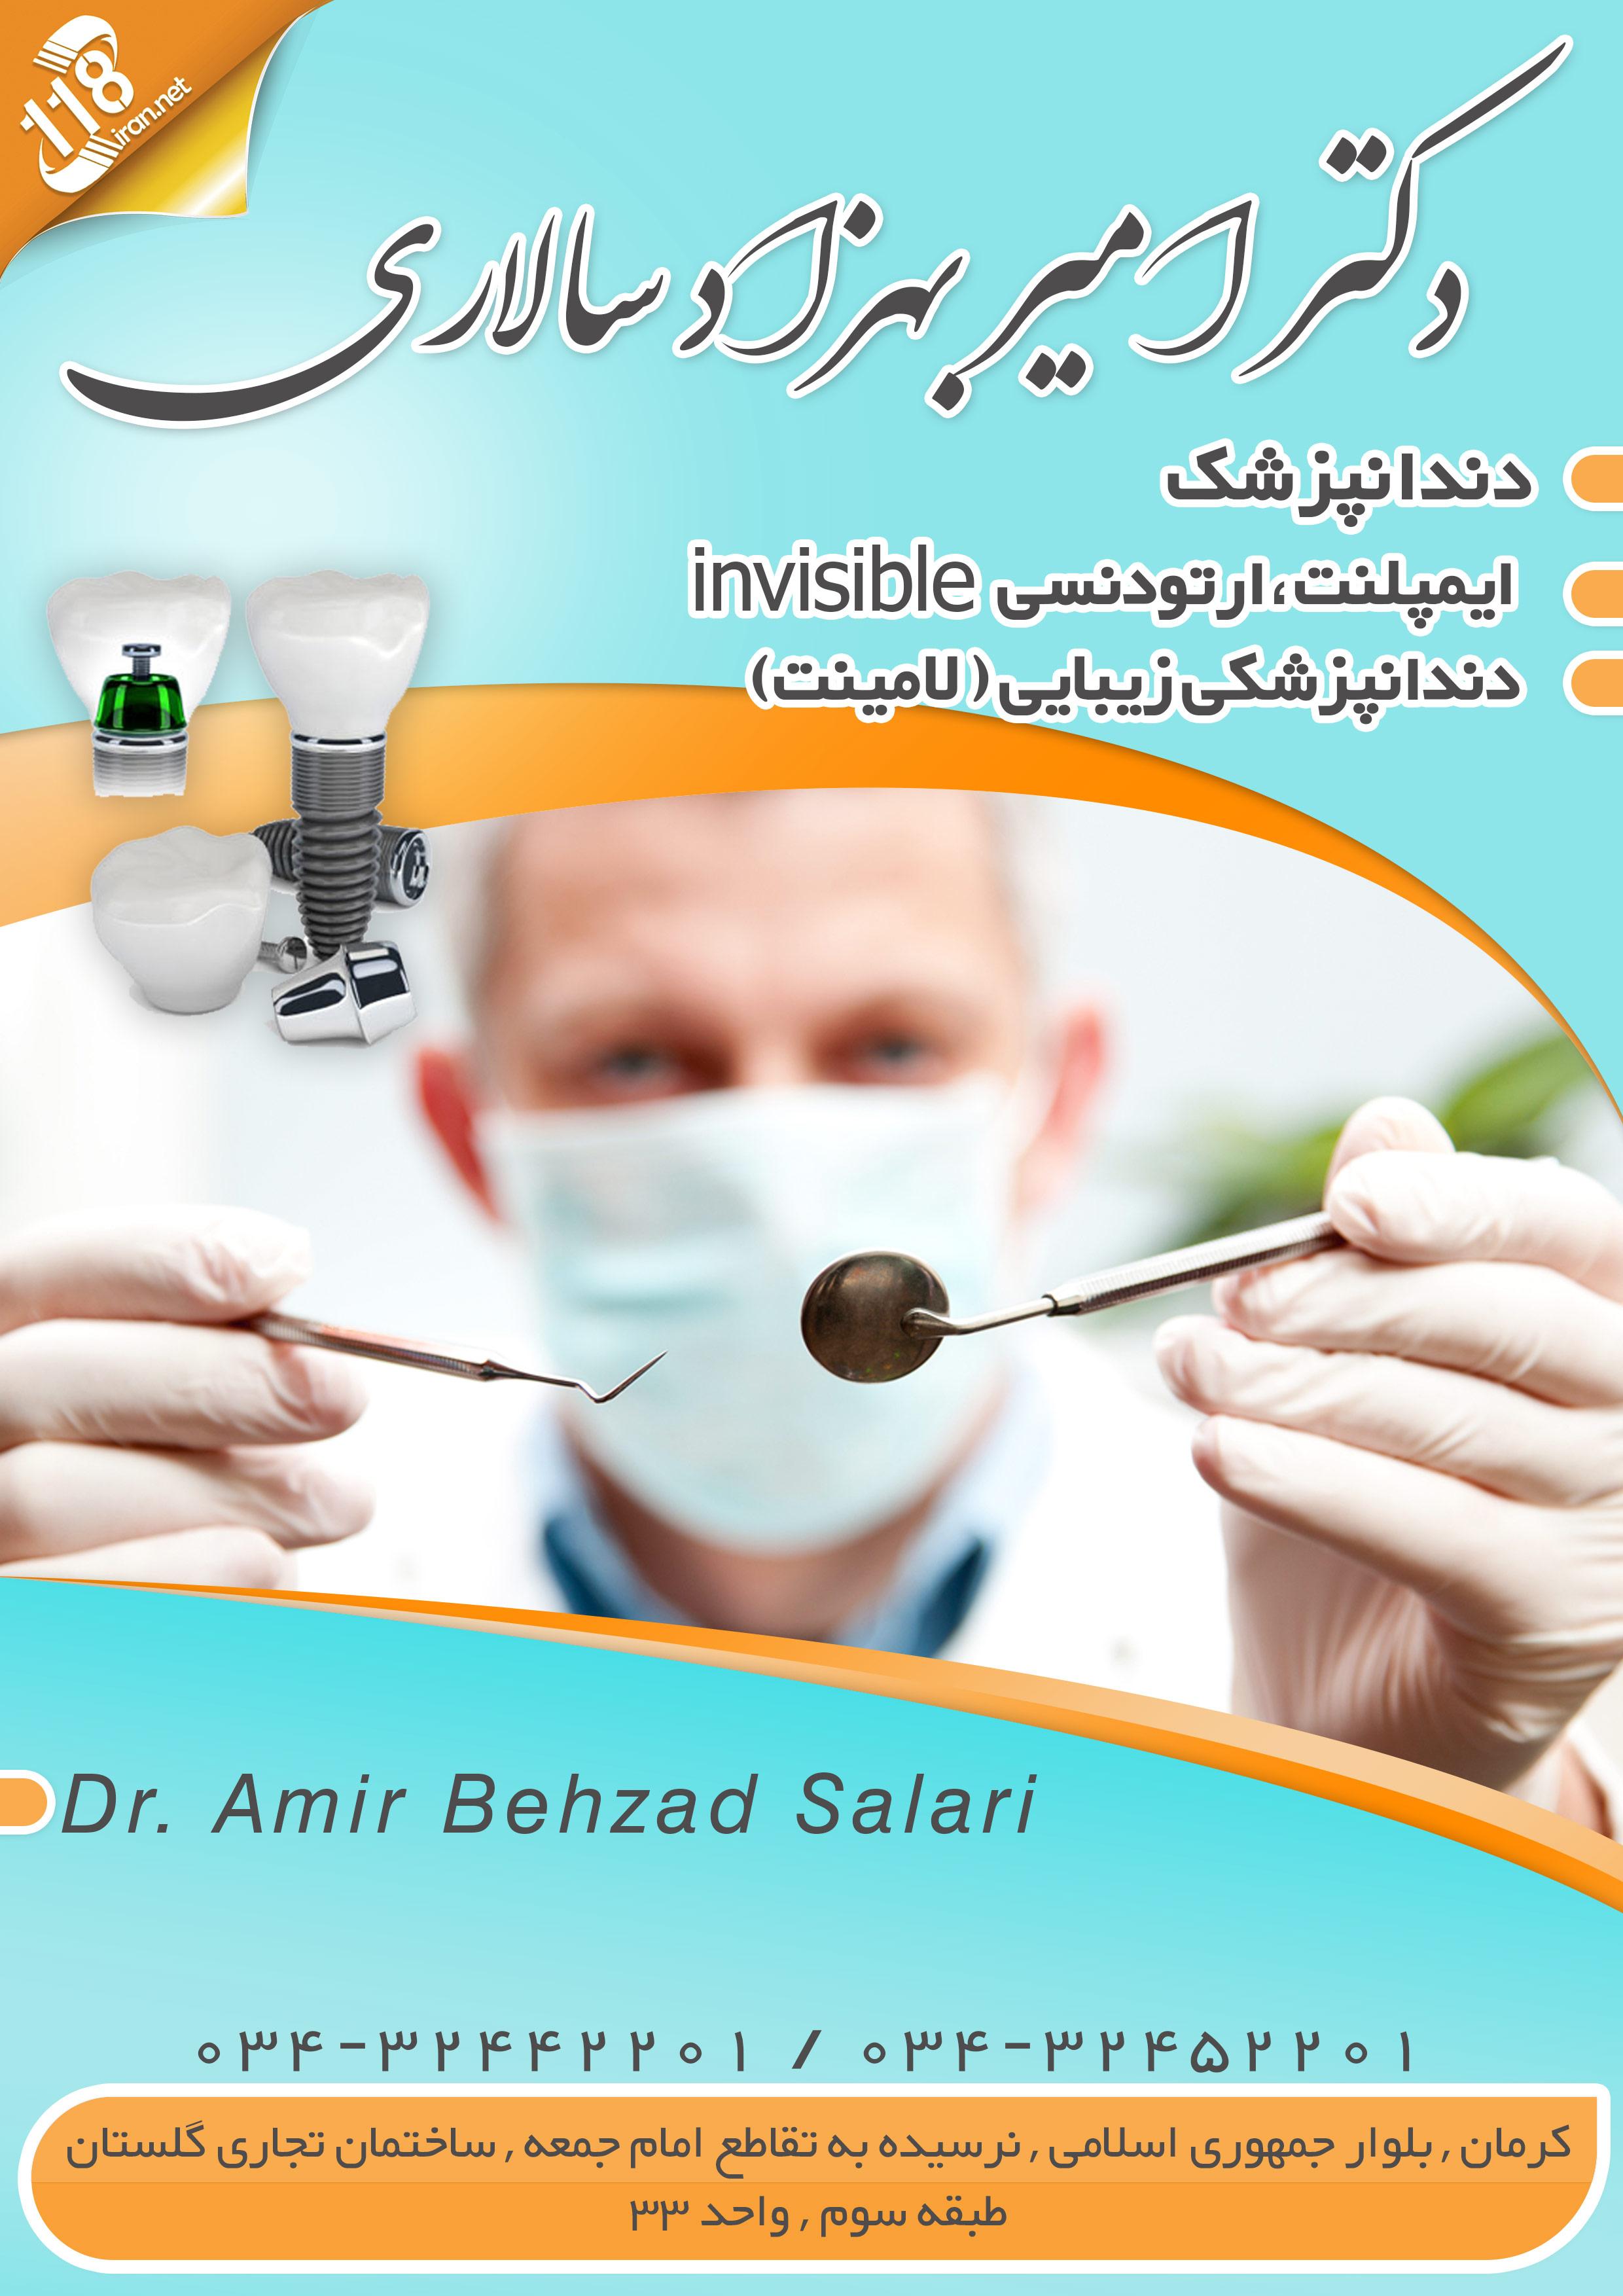 دکتر امیر بهزاد سالاری در کرمان